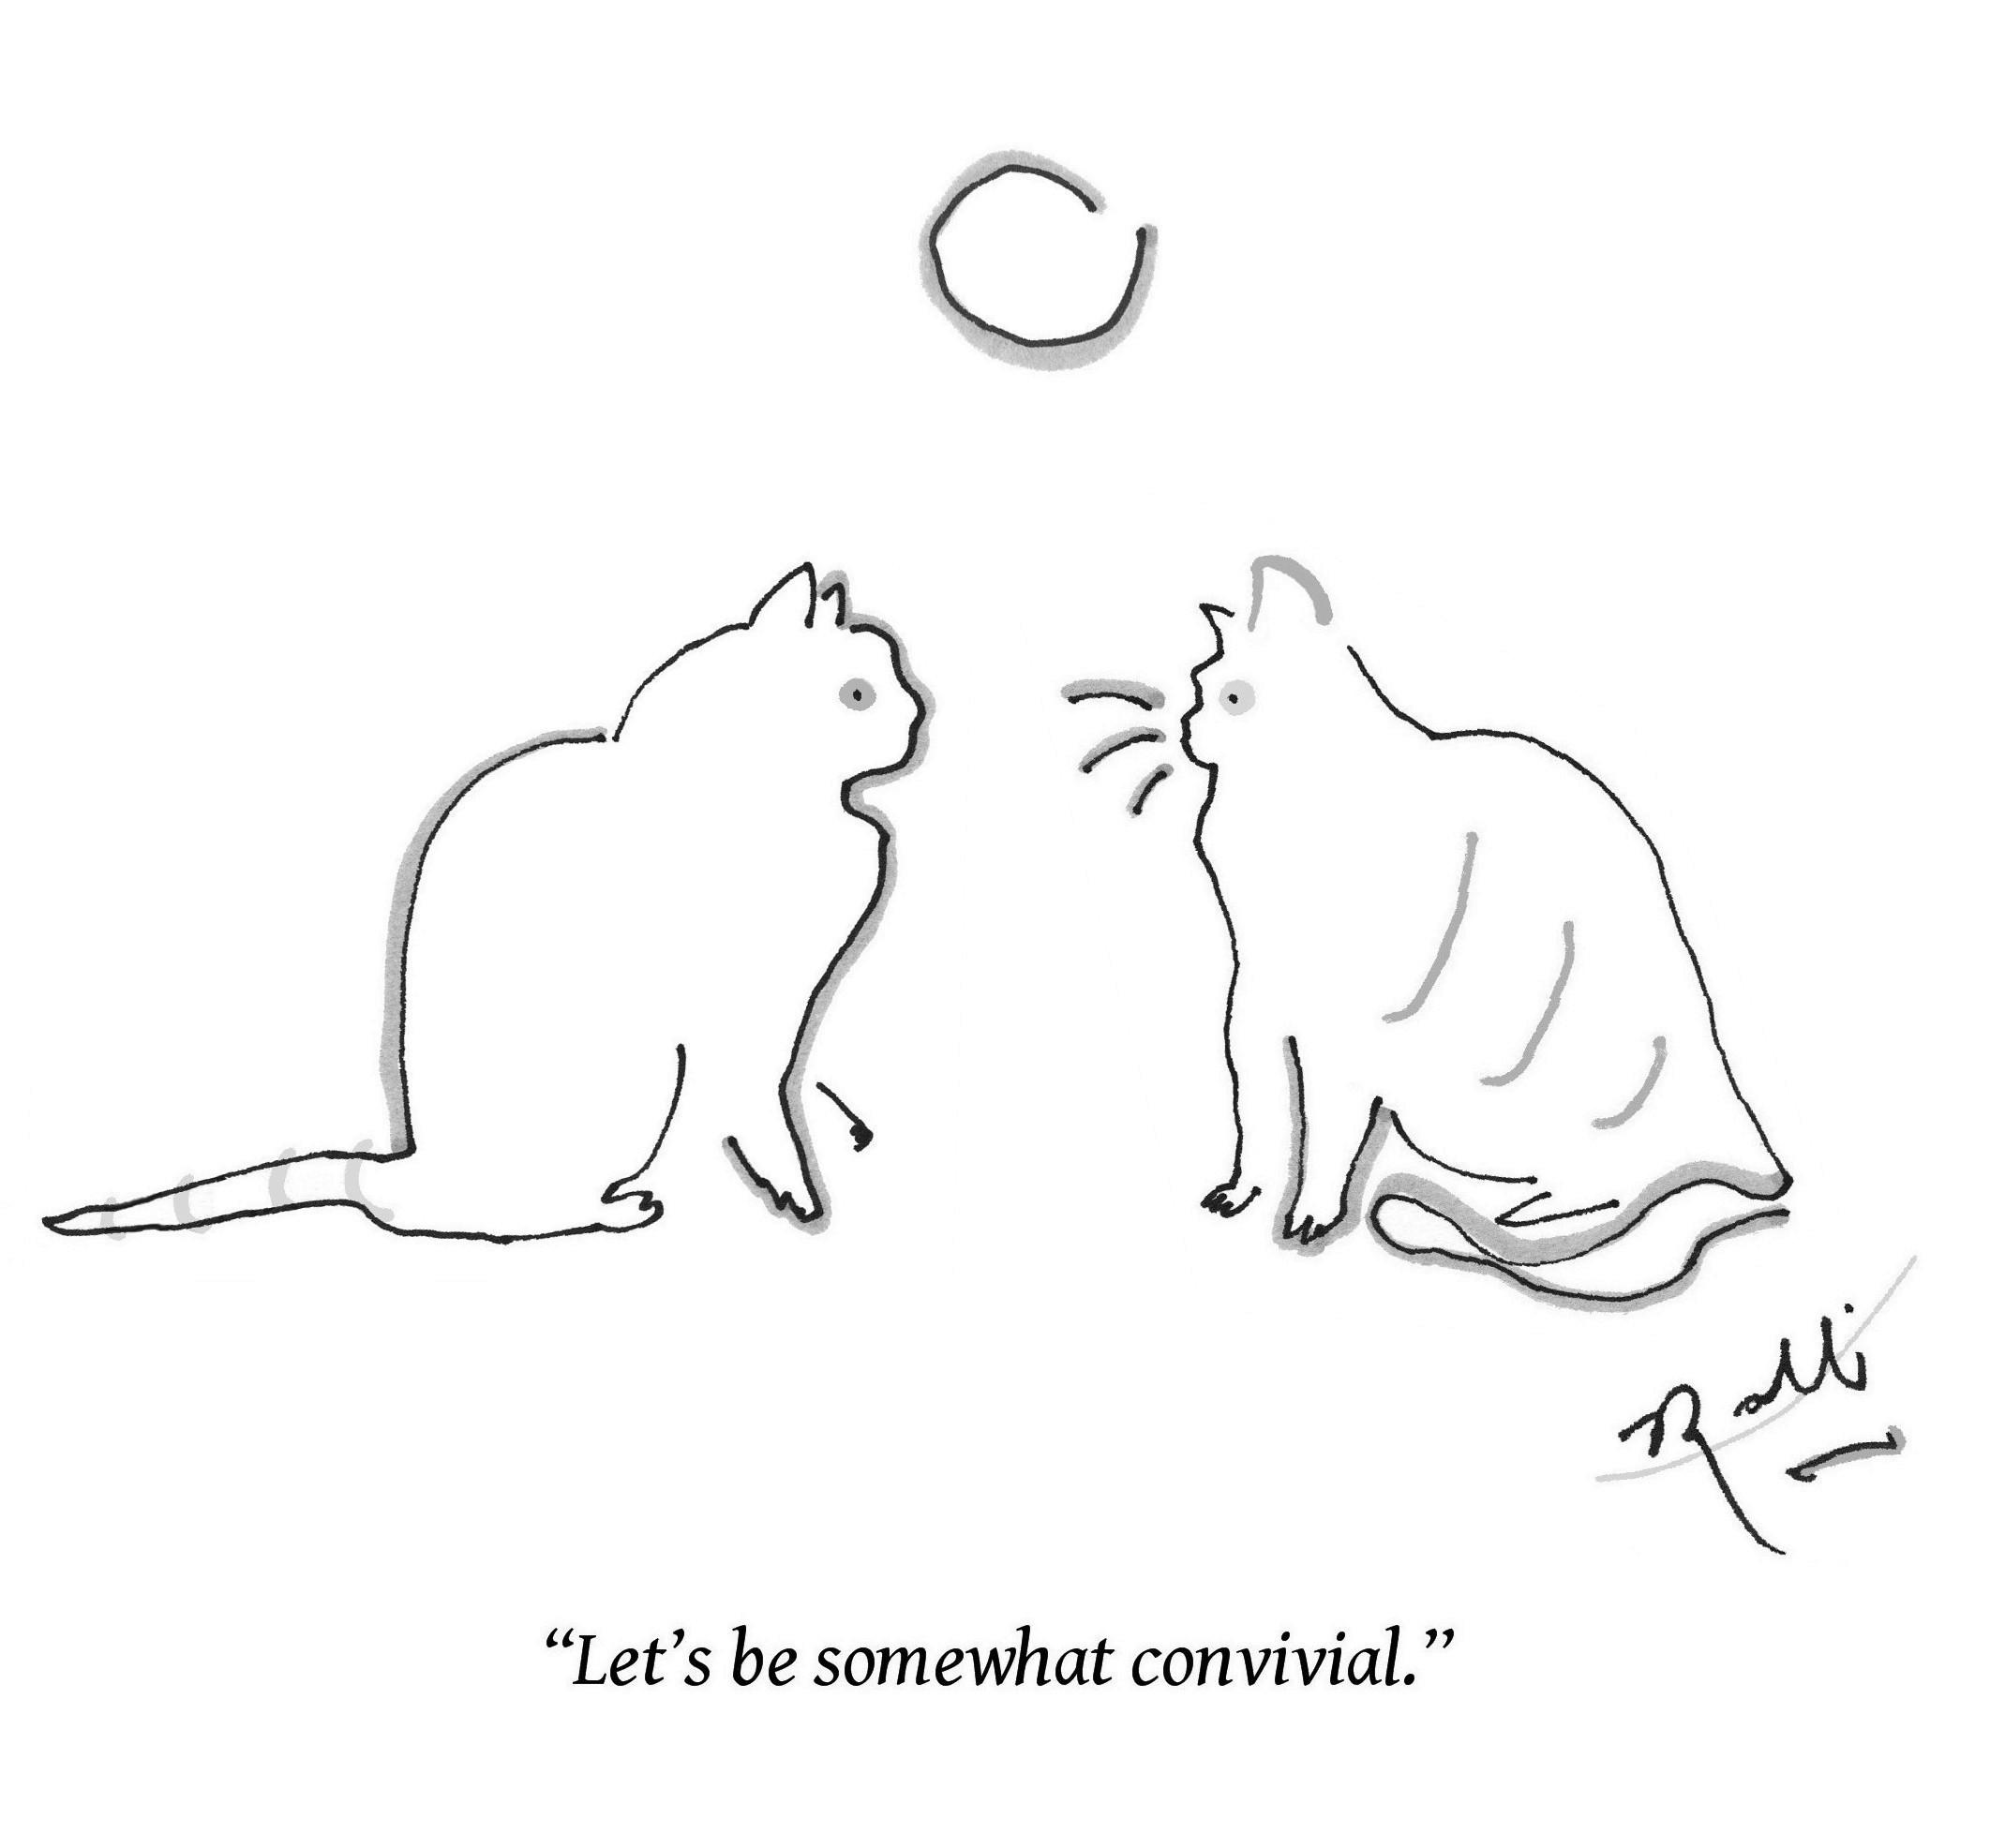 convivial(bw)